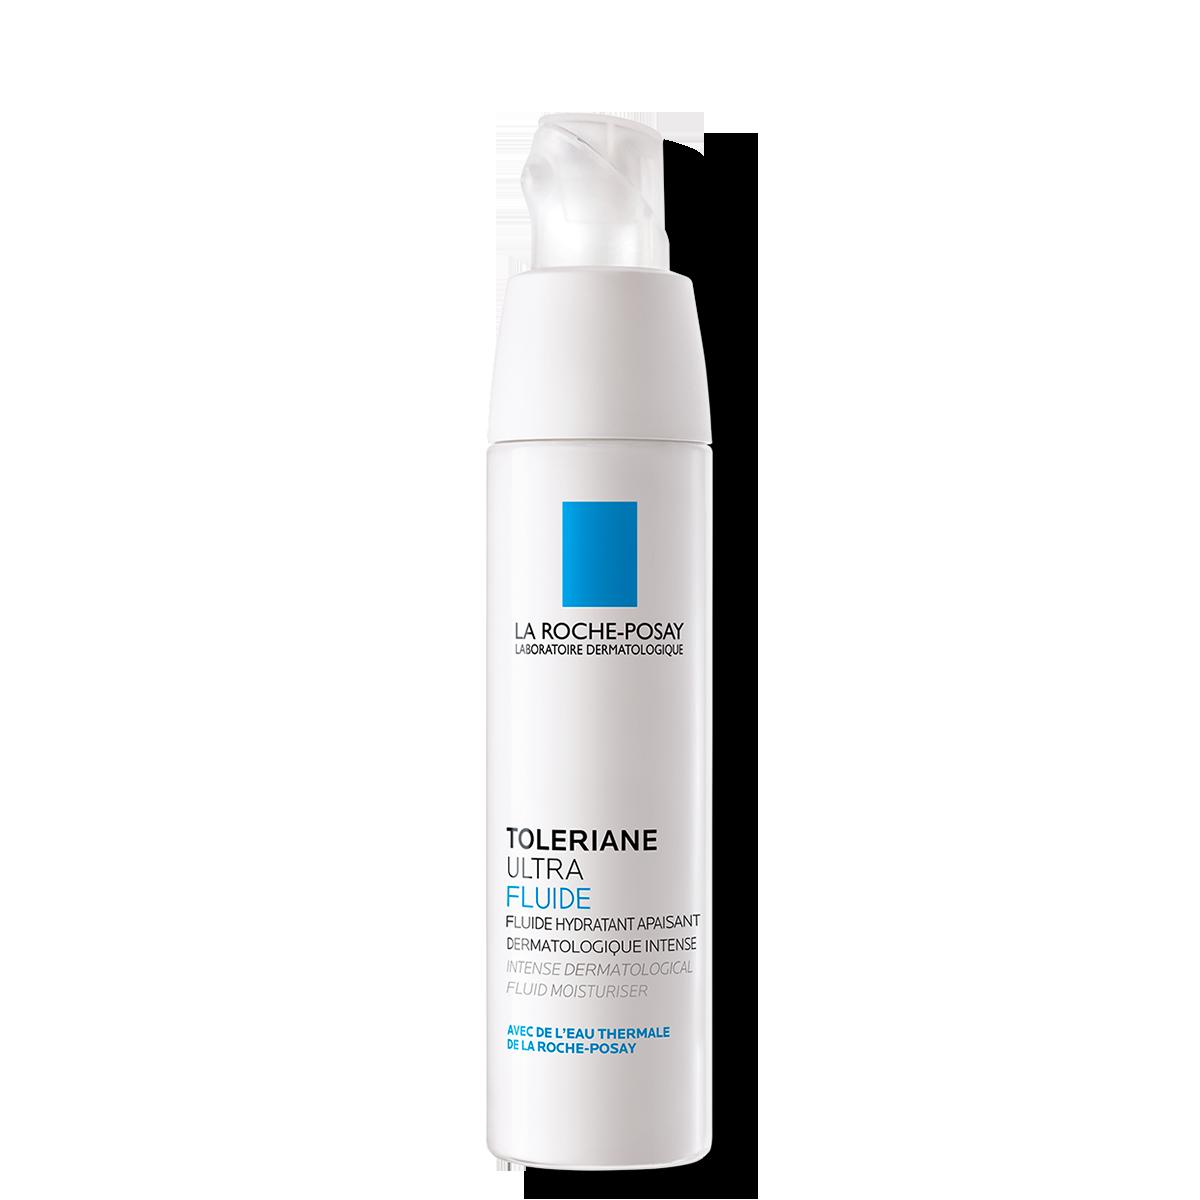 La Roche Posay TermékOldal Érzékeny Allergiára Hajlamos Bőr Toleriane Ultra Fluid 4